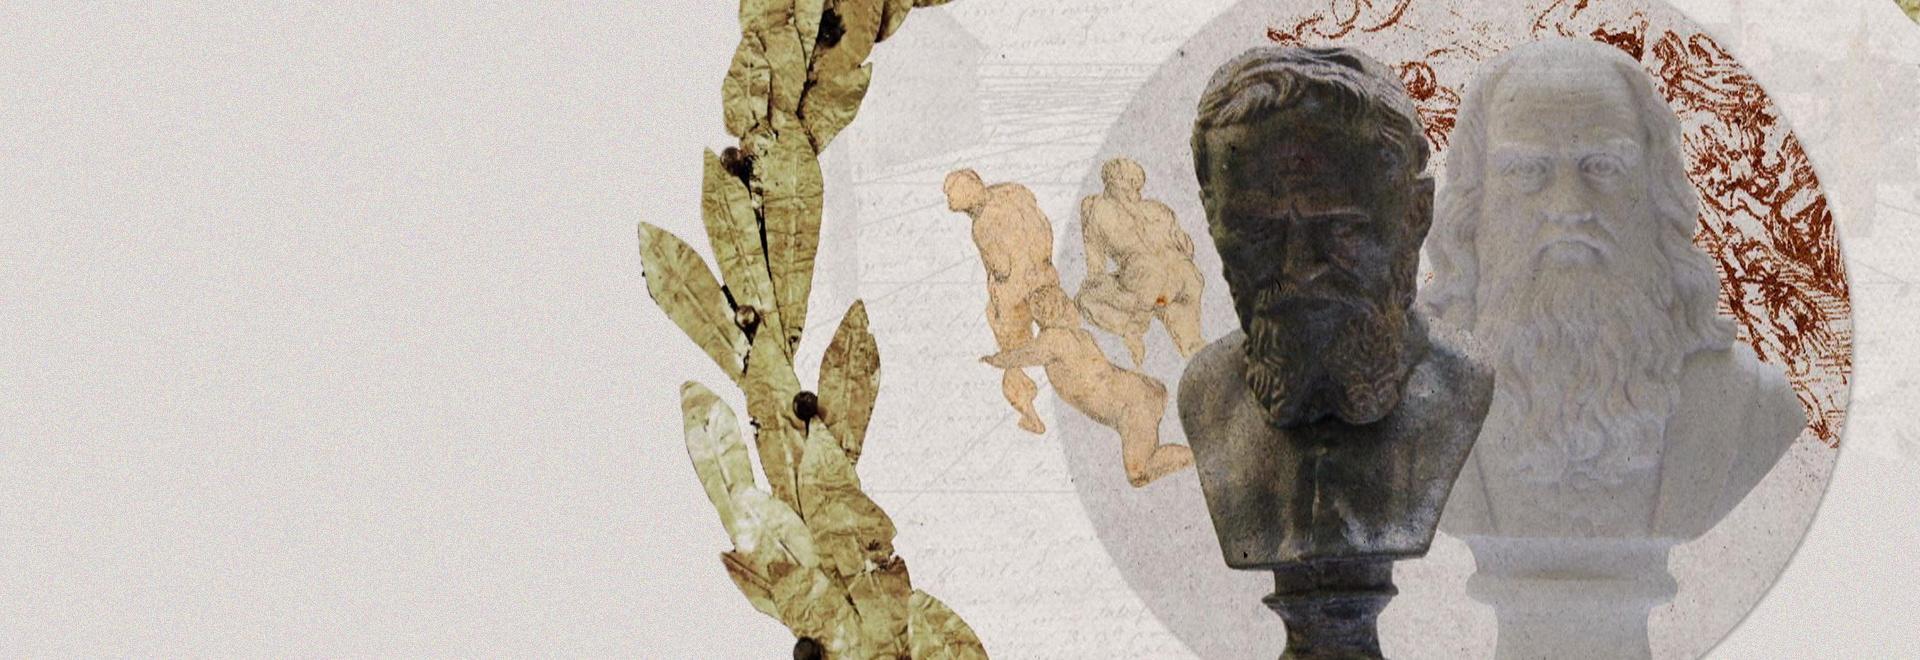 Caravaggio vs. Baglione